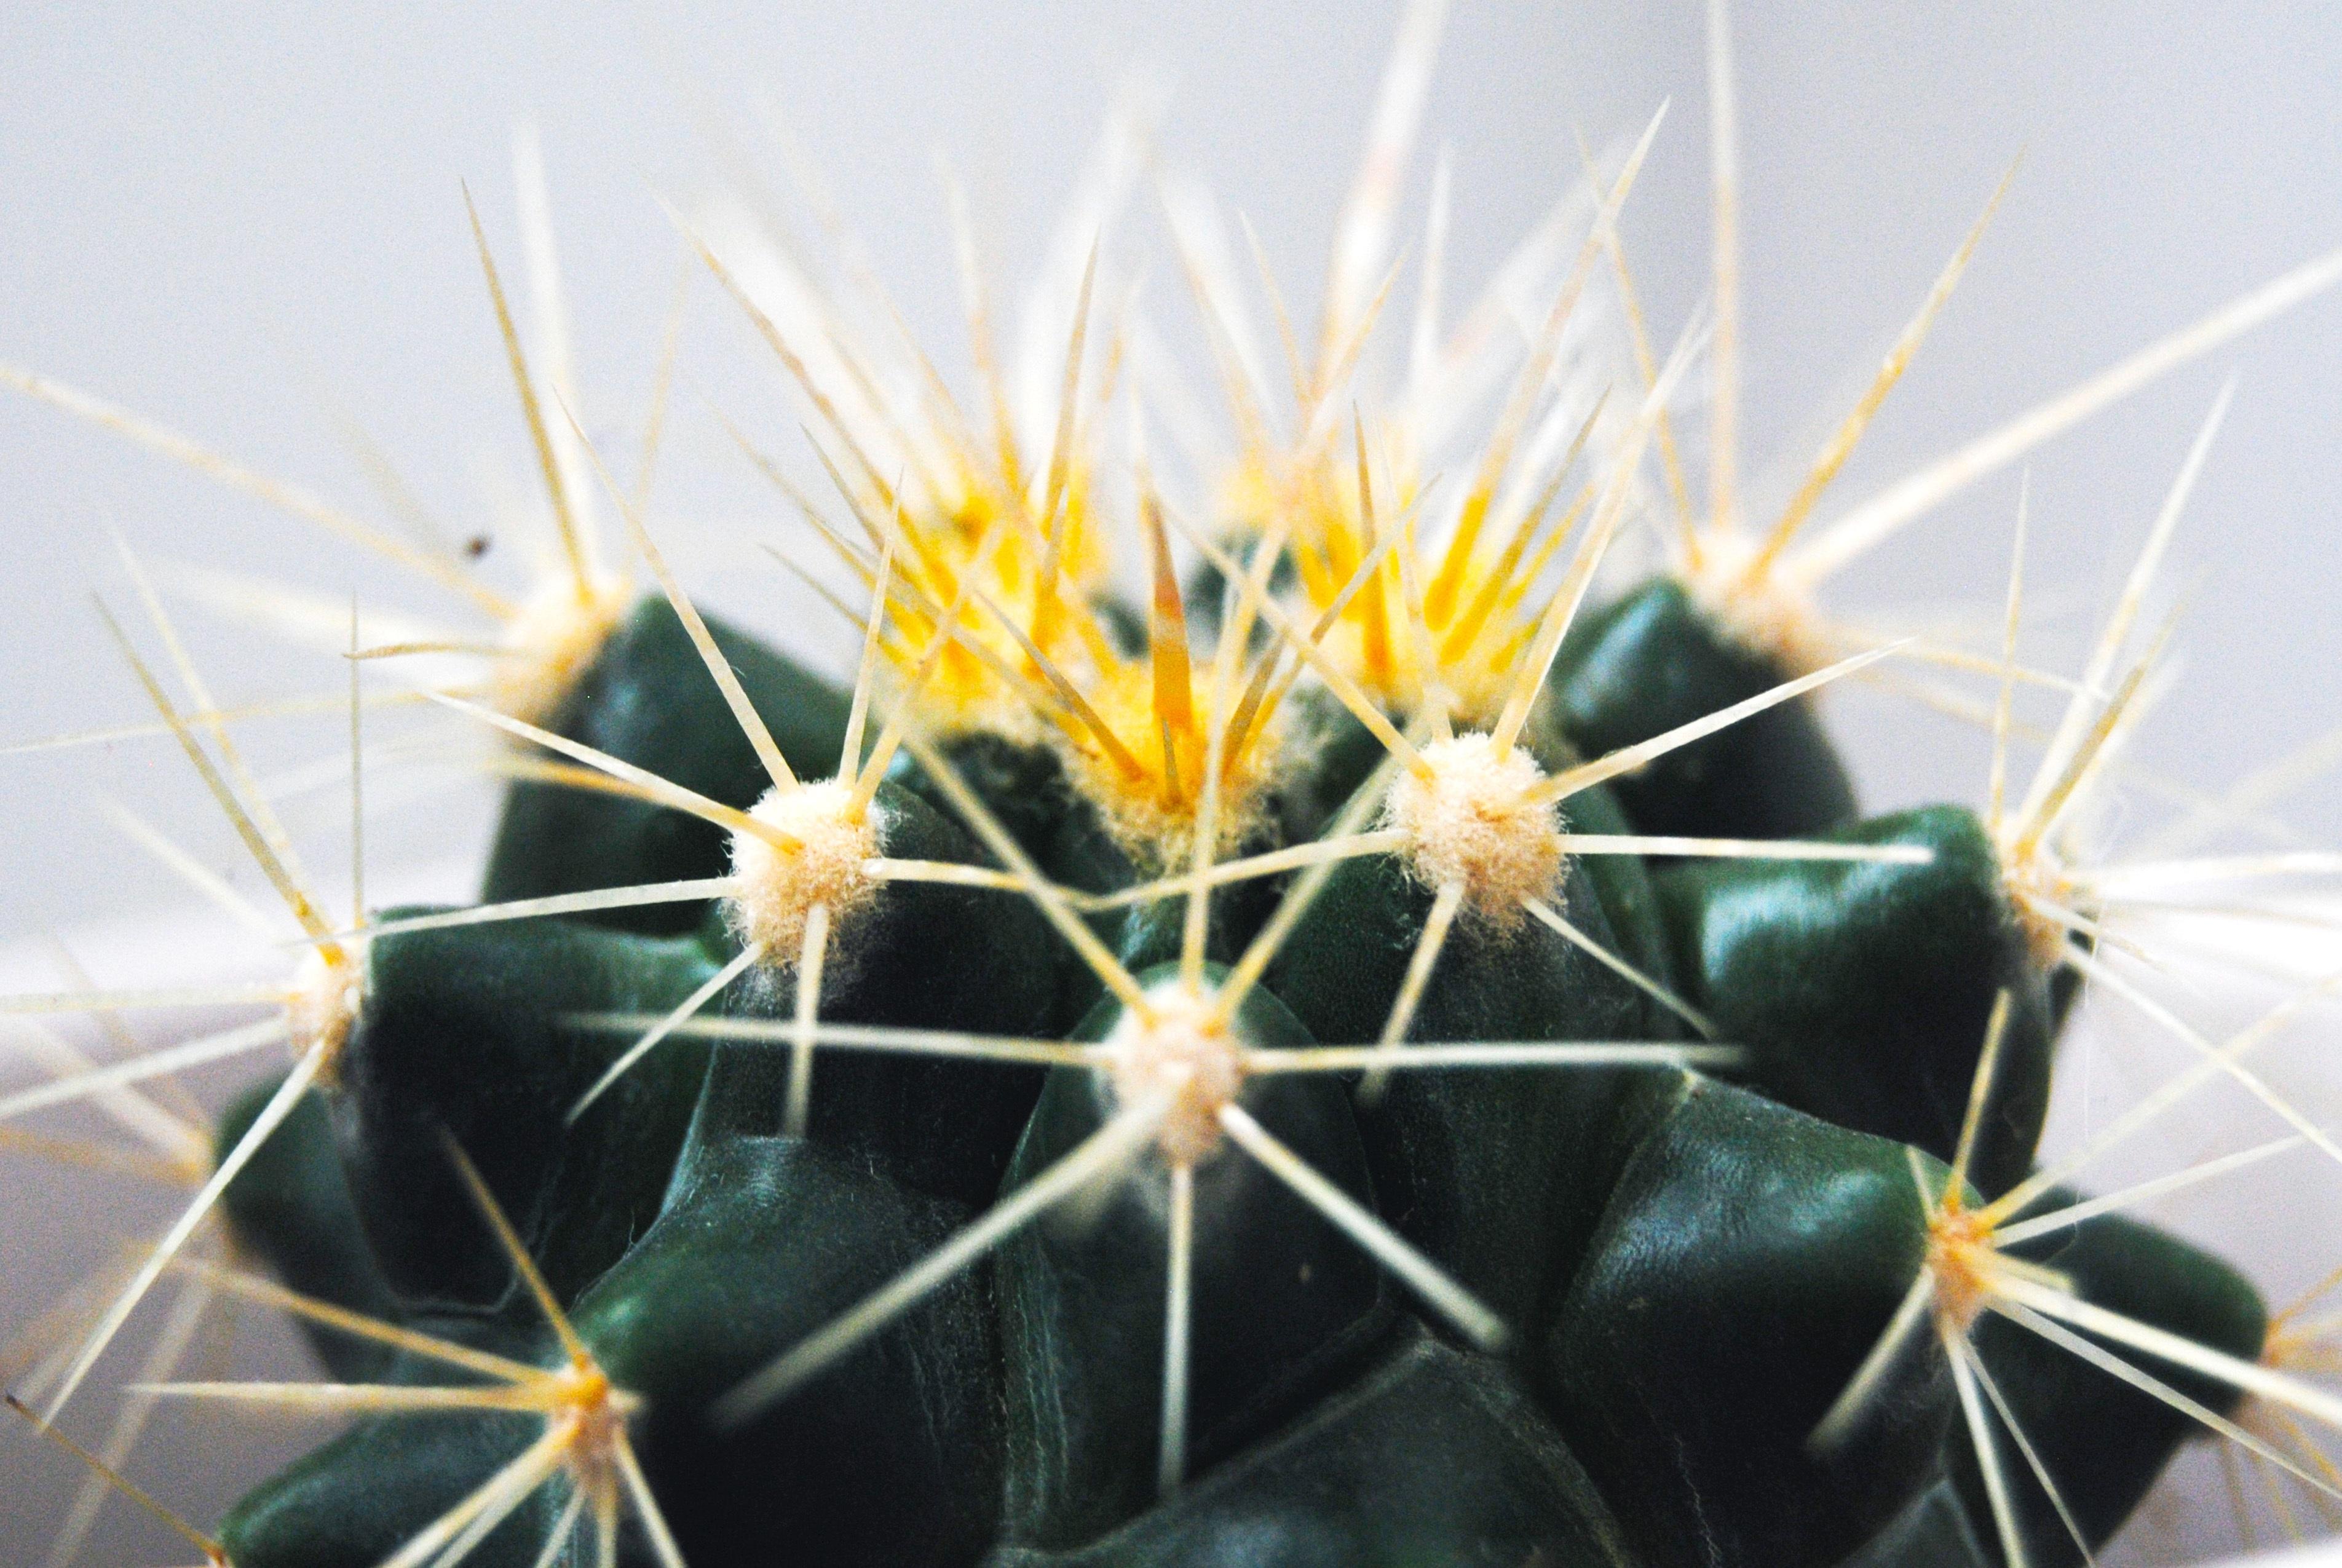 67713 descargar fondo de pantalla Macro, Cactus, Cacto, Espinas, Espigas, Suculento: protectores de pantalla e imágenes gratis